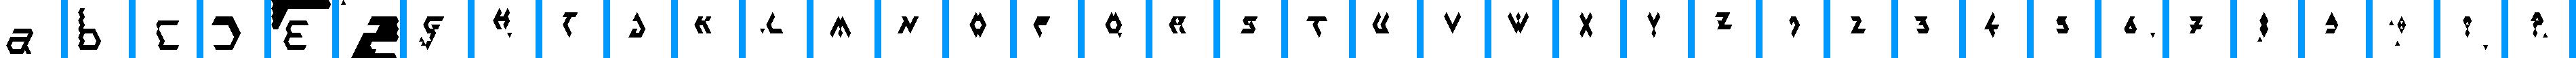 Particip-a-type v.148